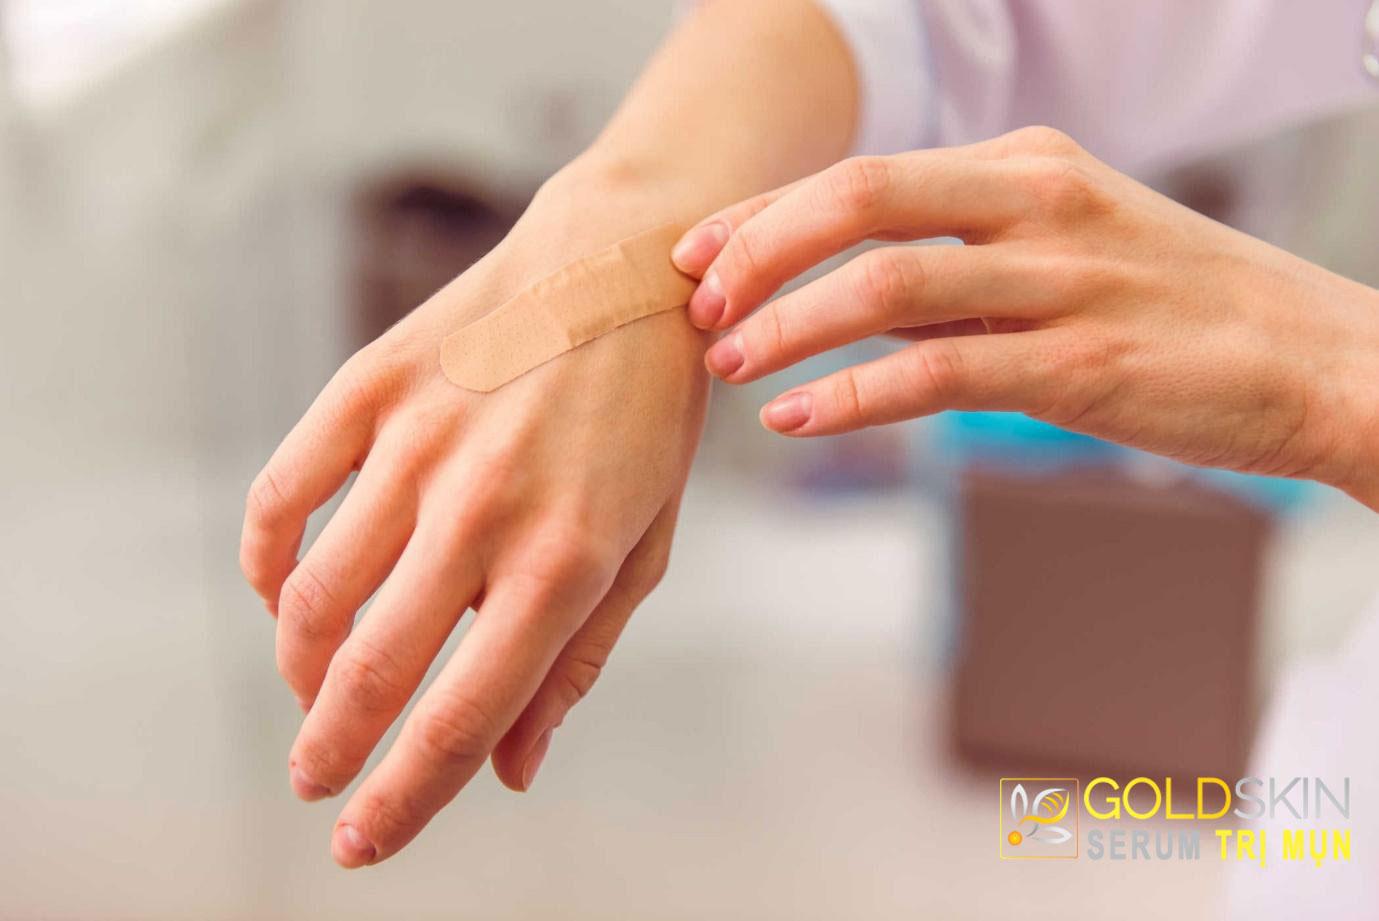 Người trong độ tuổi 10-30 tuổi có nguy cơ bị sẹo lồi cao nhất